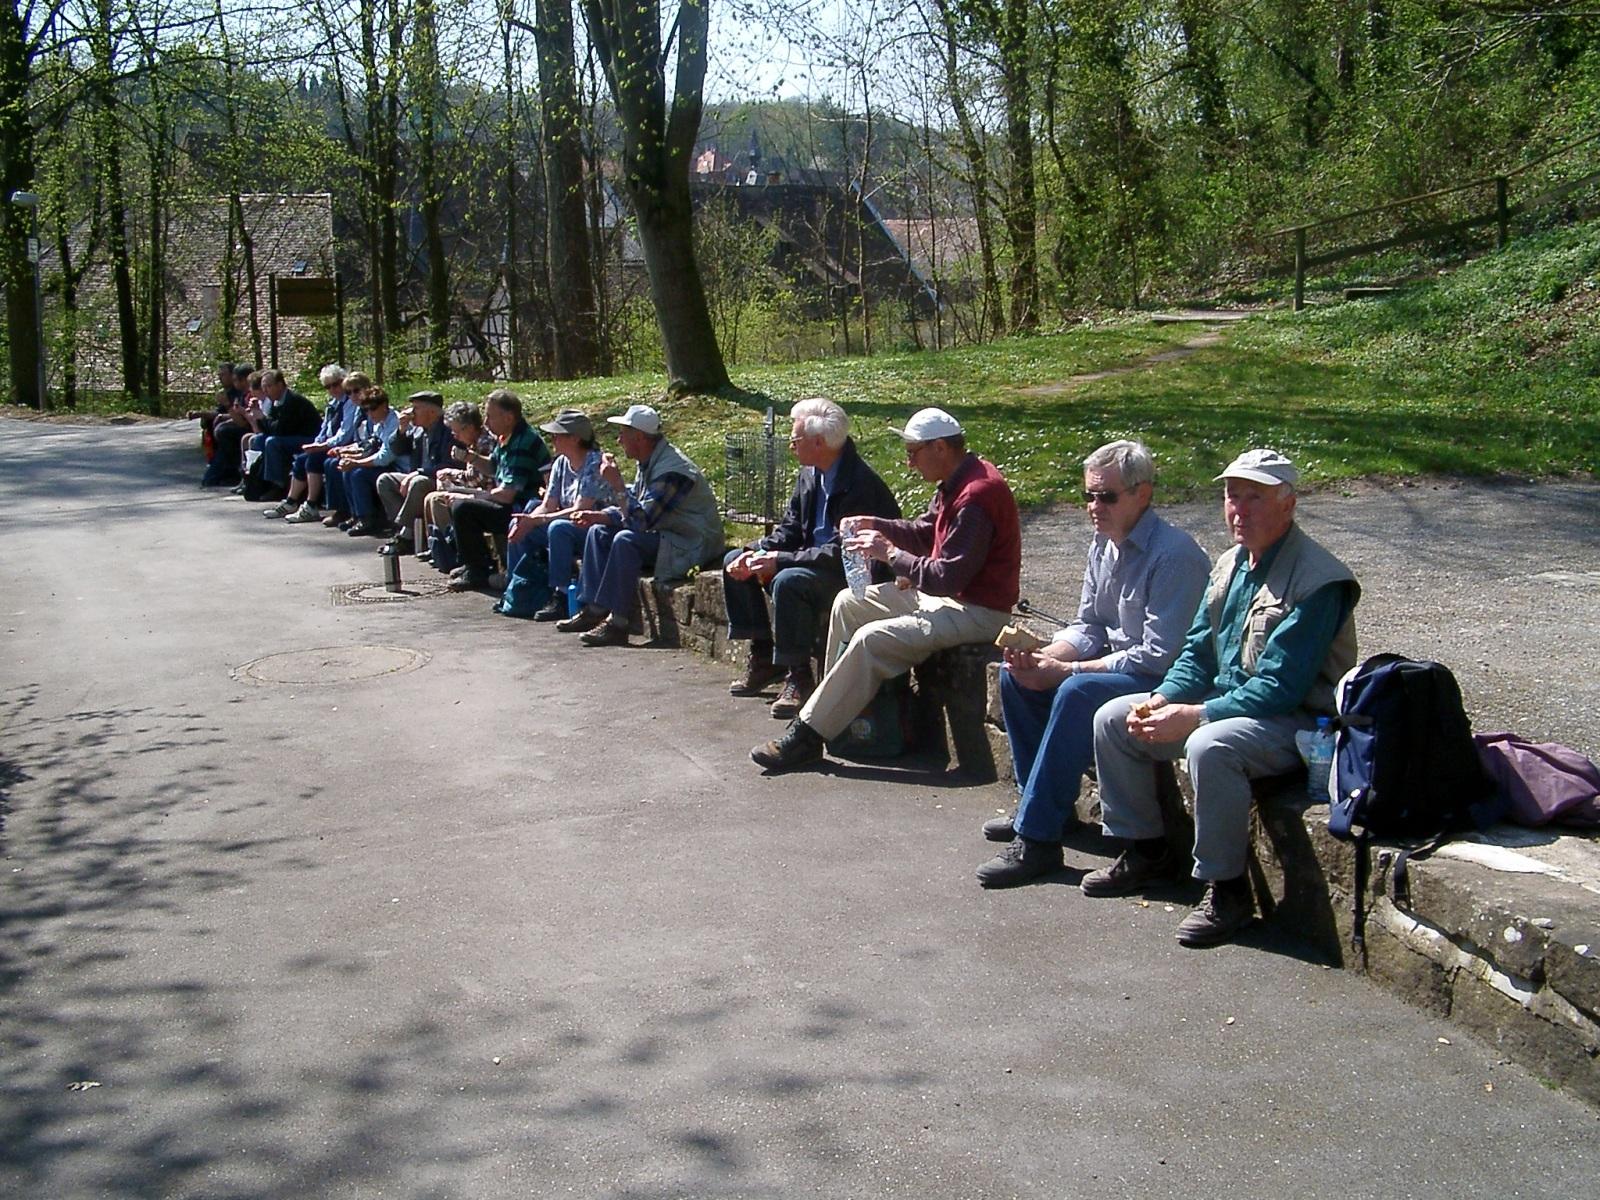 2003_04_16-Maulbronn, Aalkistensee